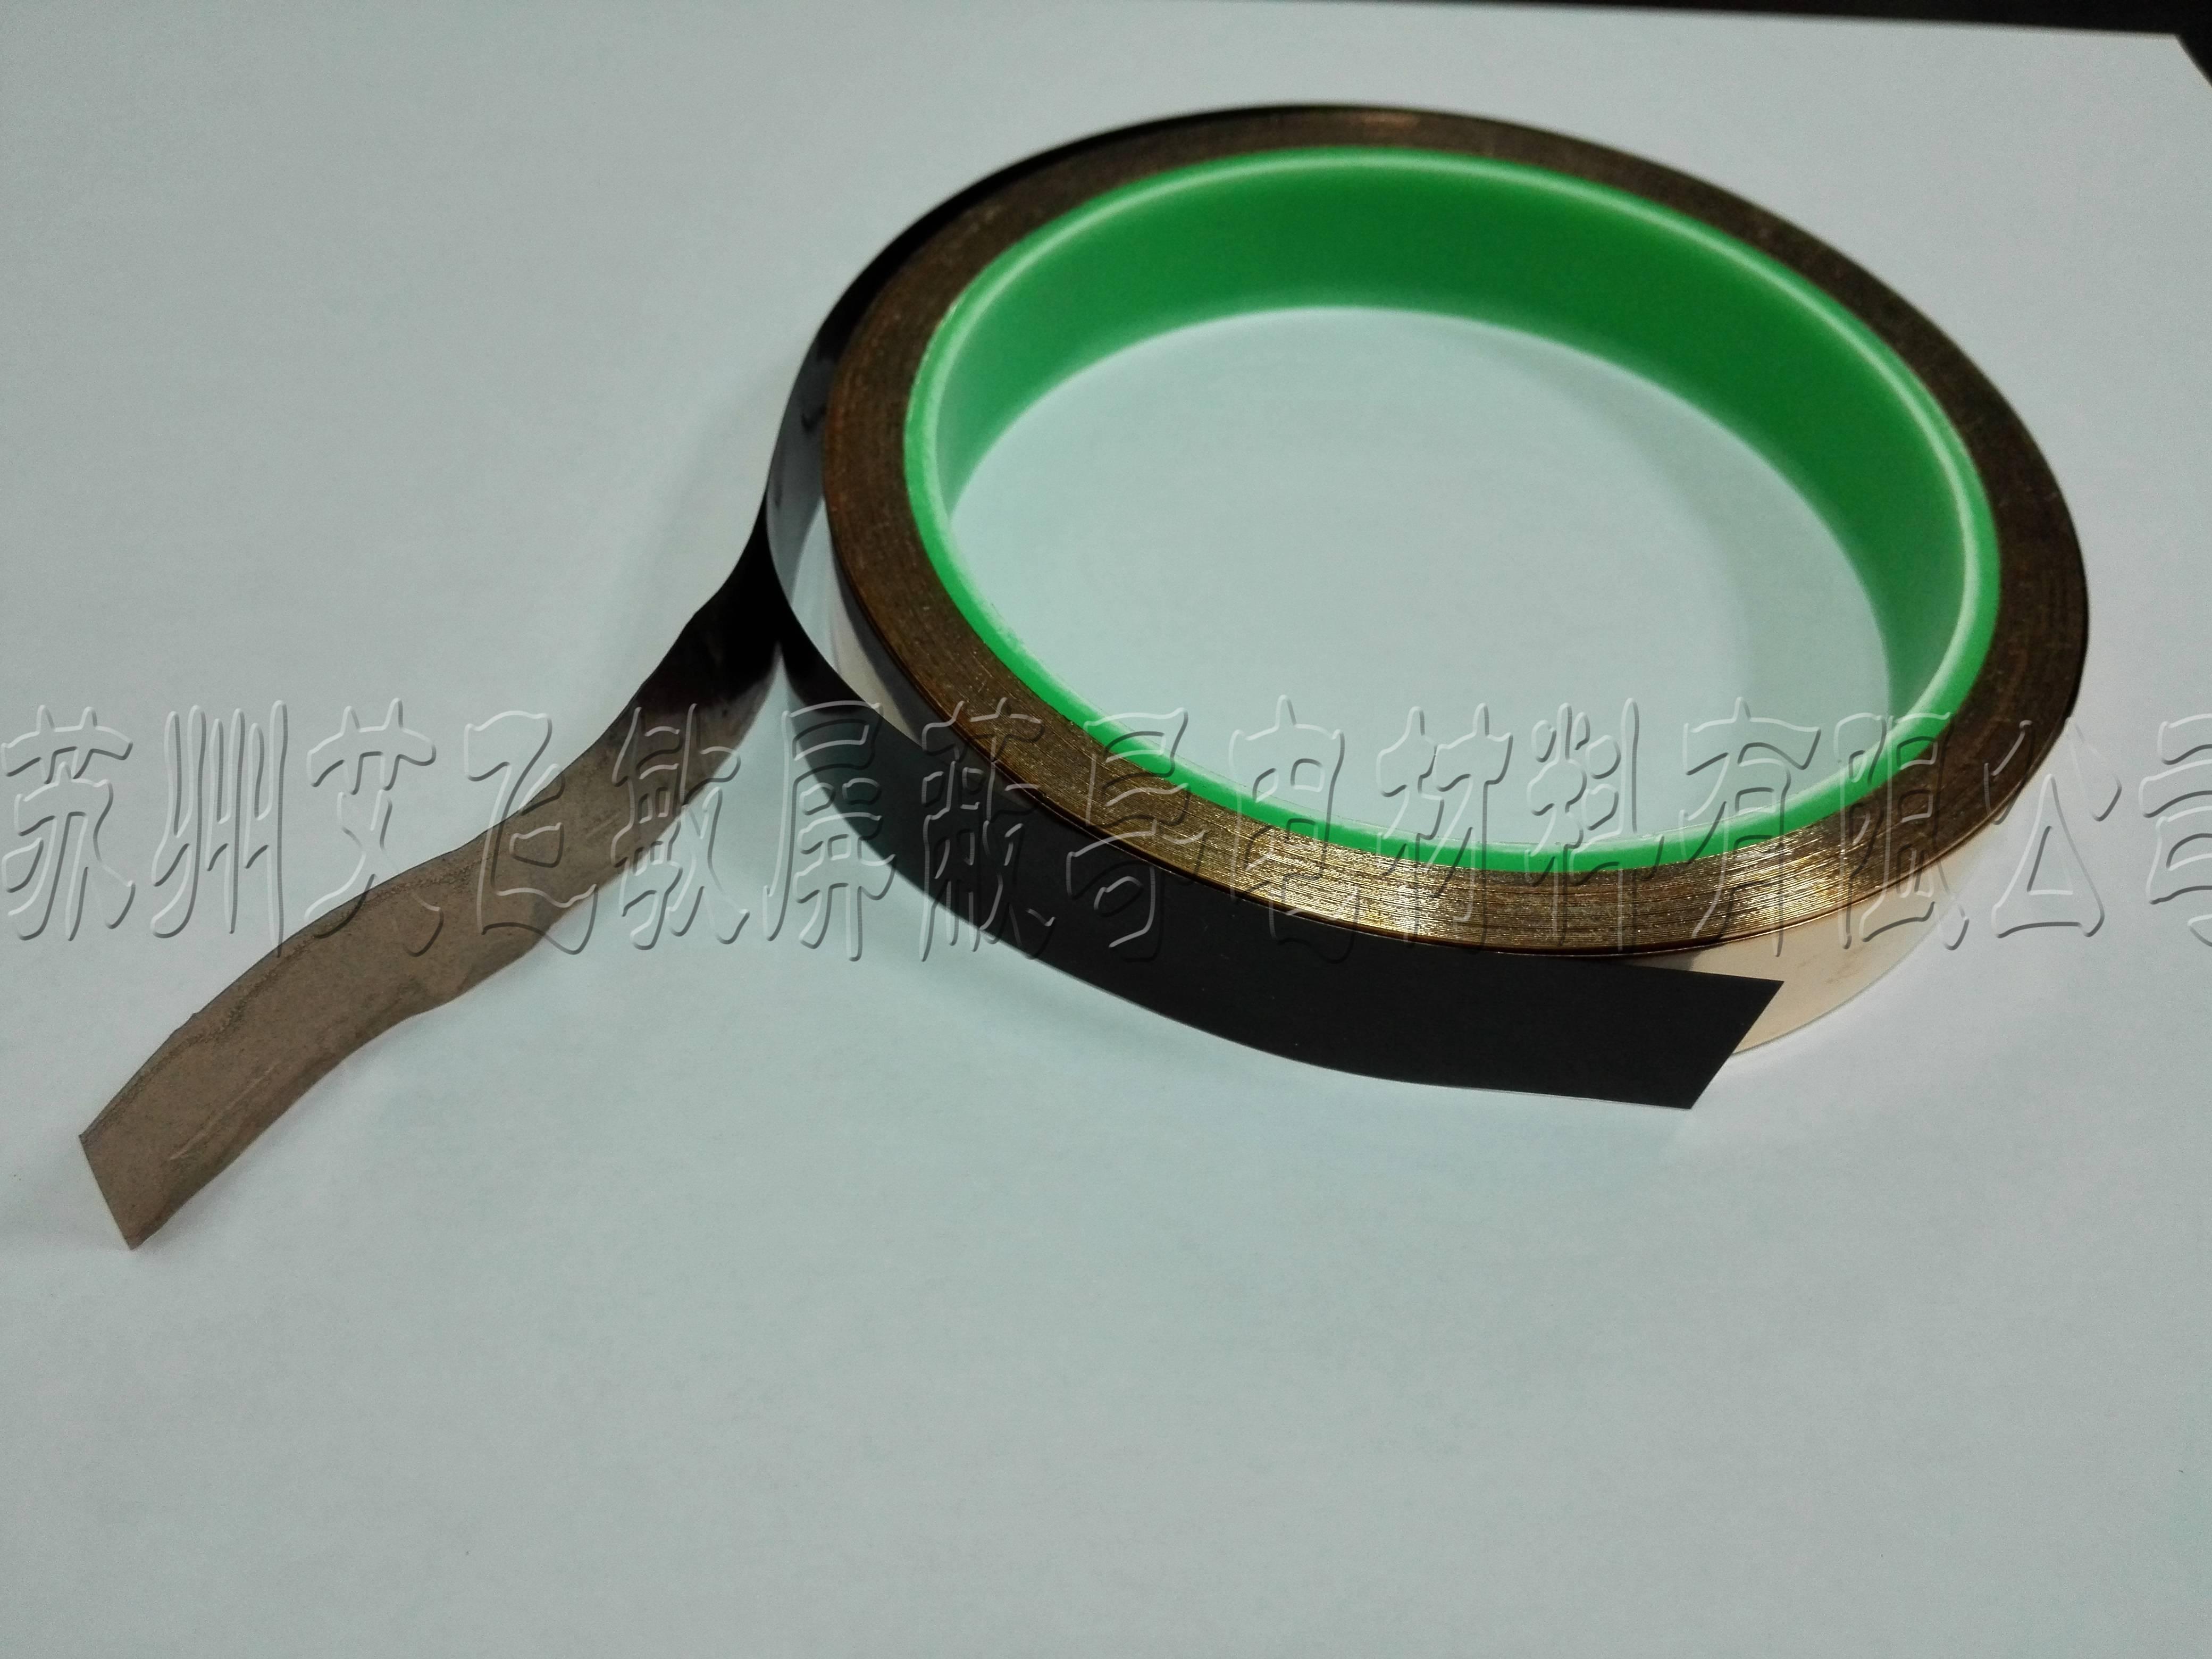 【艾飞敏】新研发高导电铜箔胶带